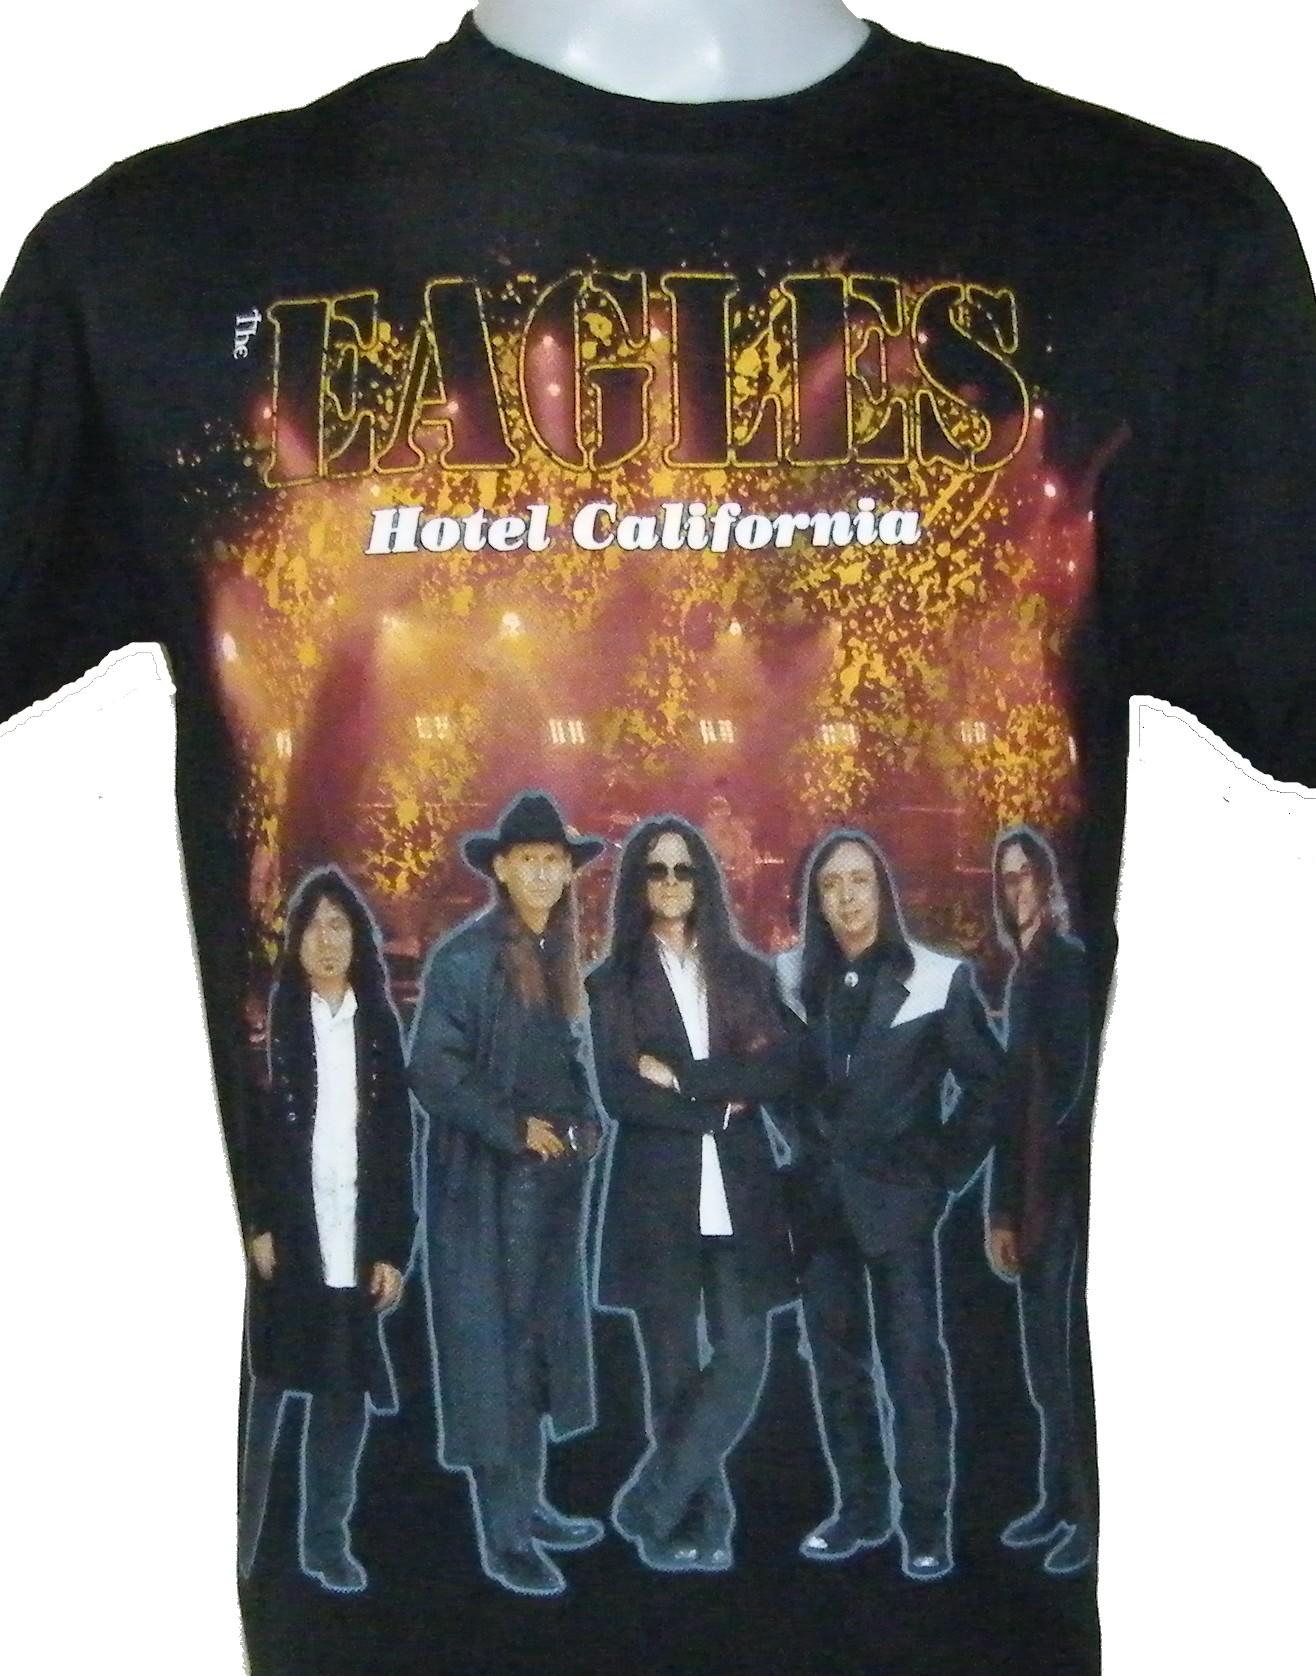 California The Shirt Hotel Roxxbkk Eagles L T – Size GqSUVzpM